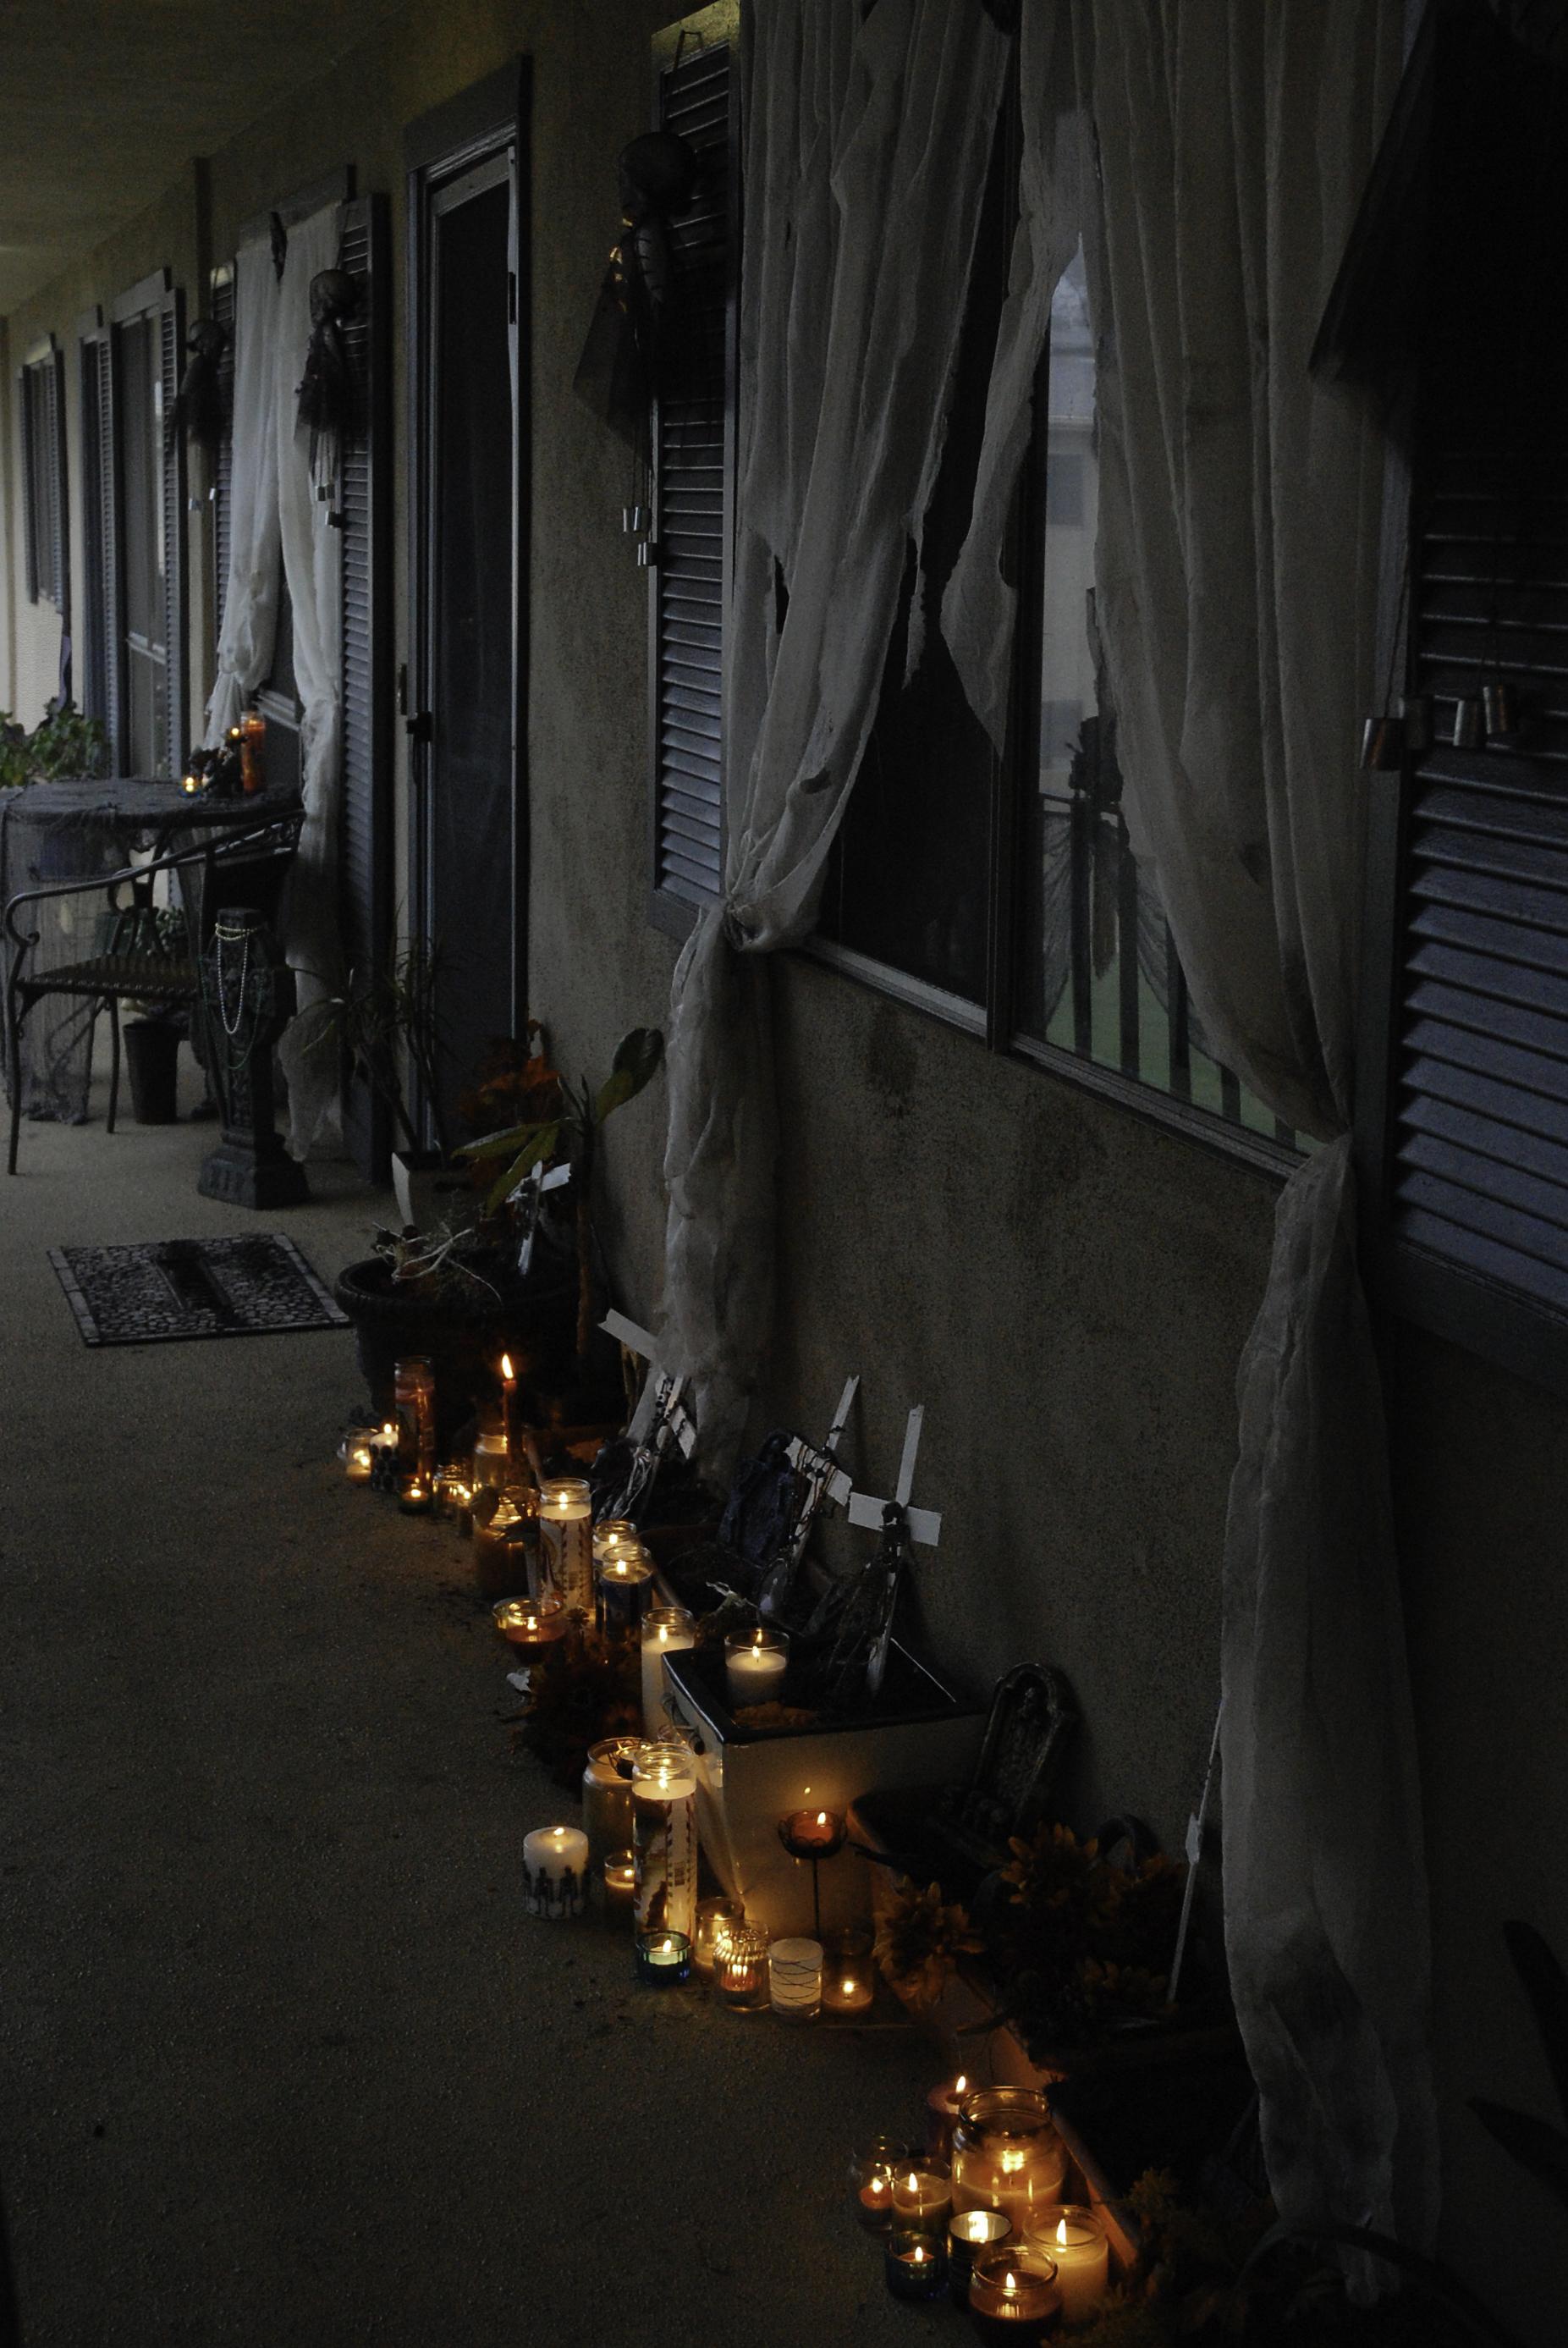 pasillo de cortinas negras y velas encendidas